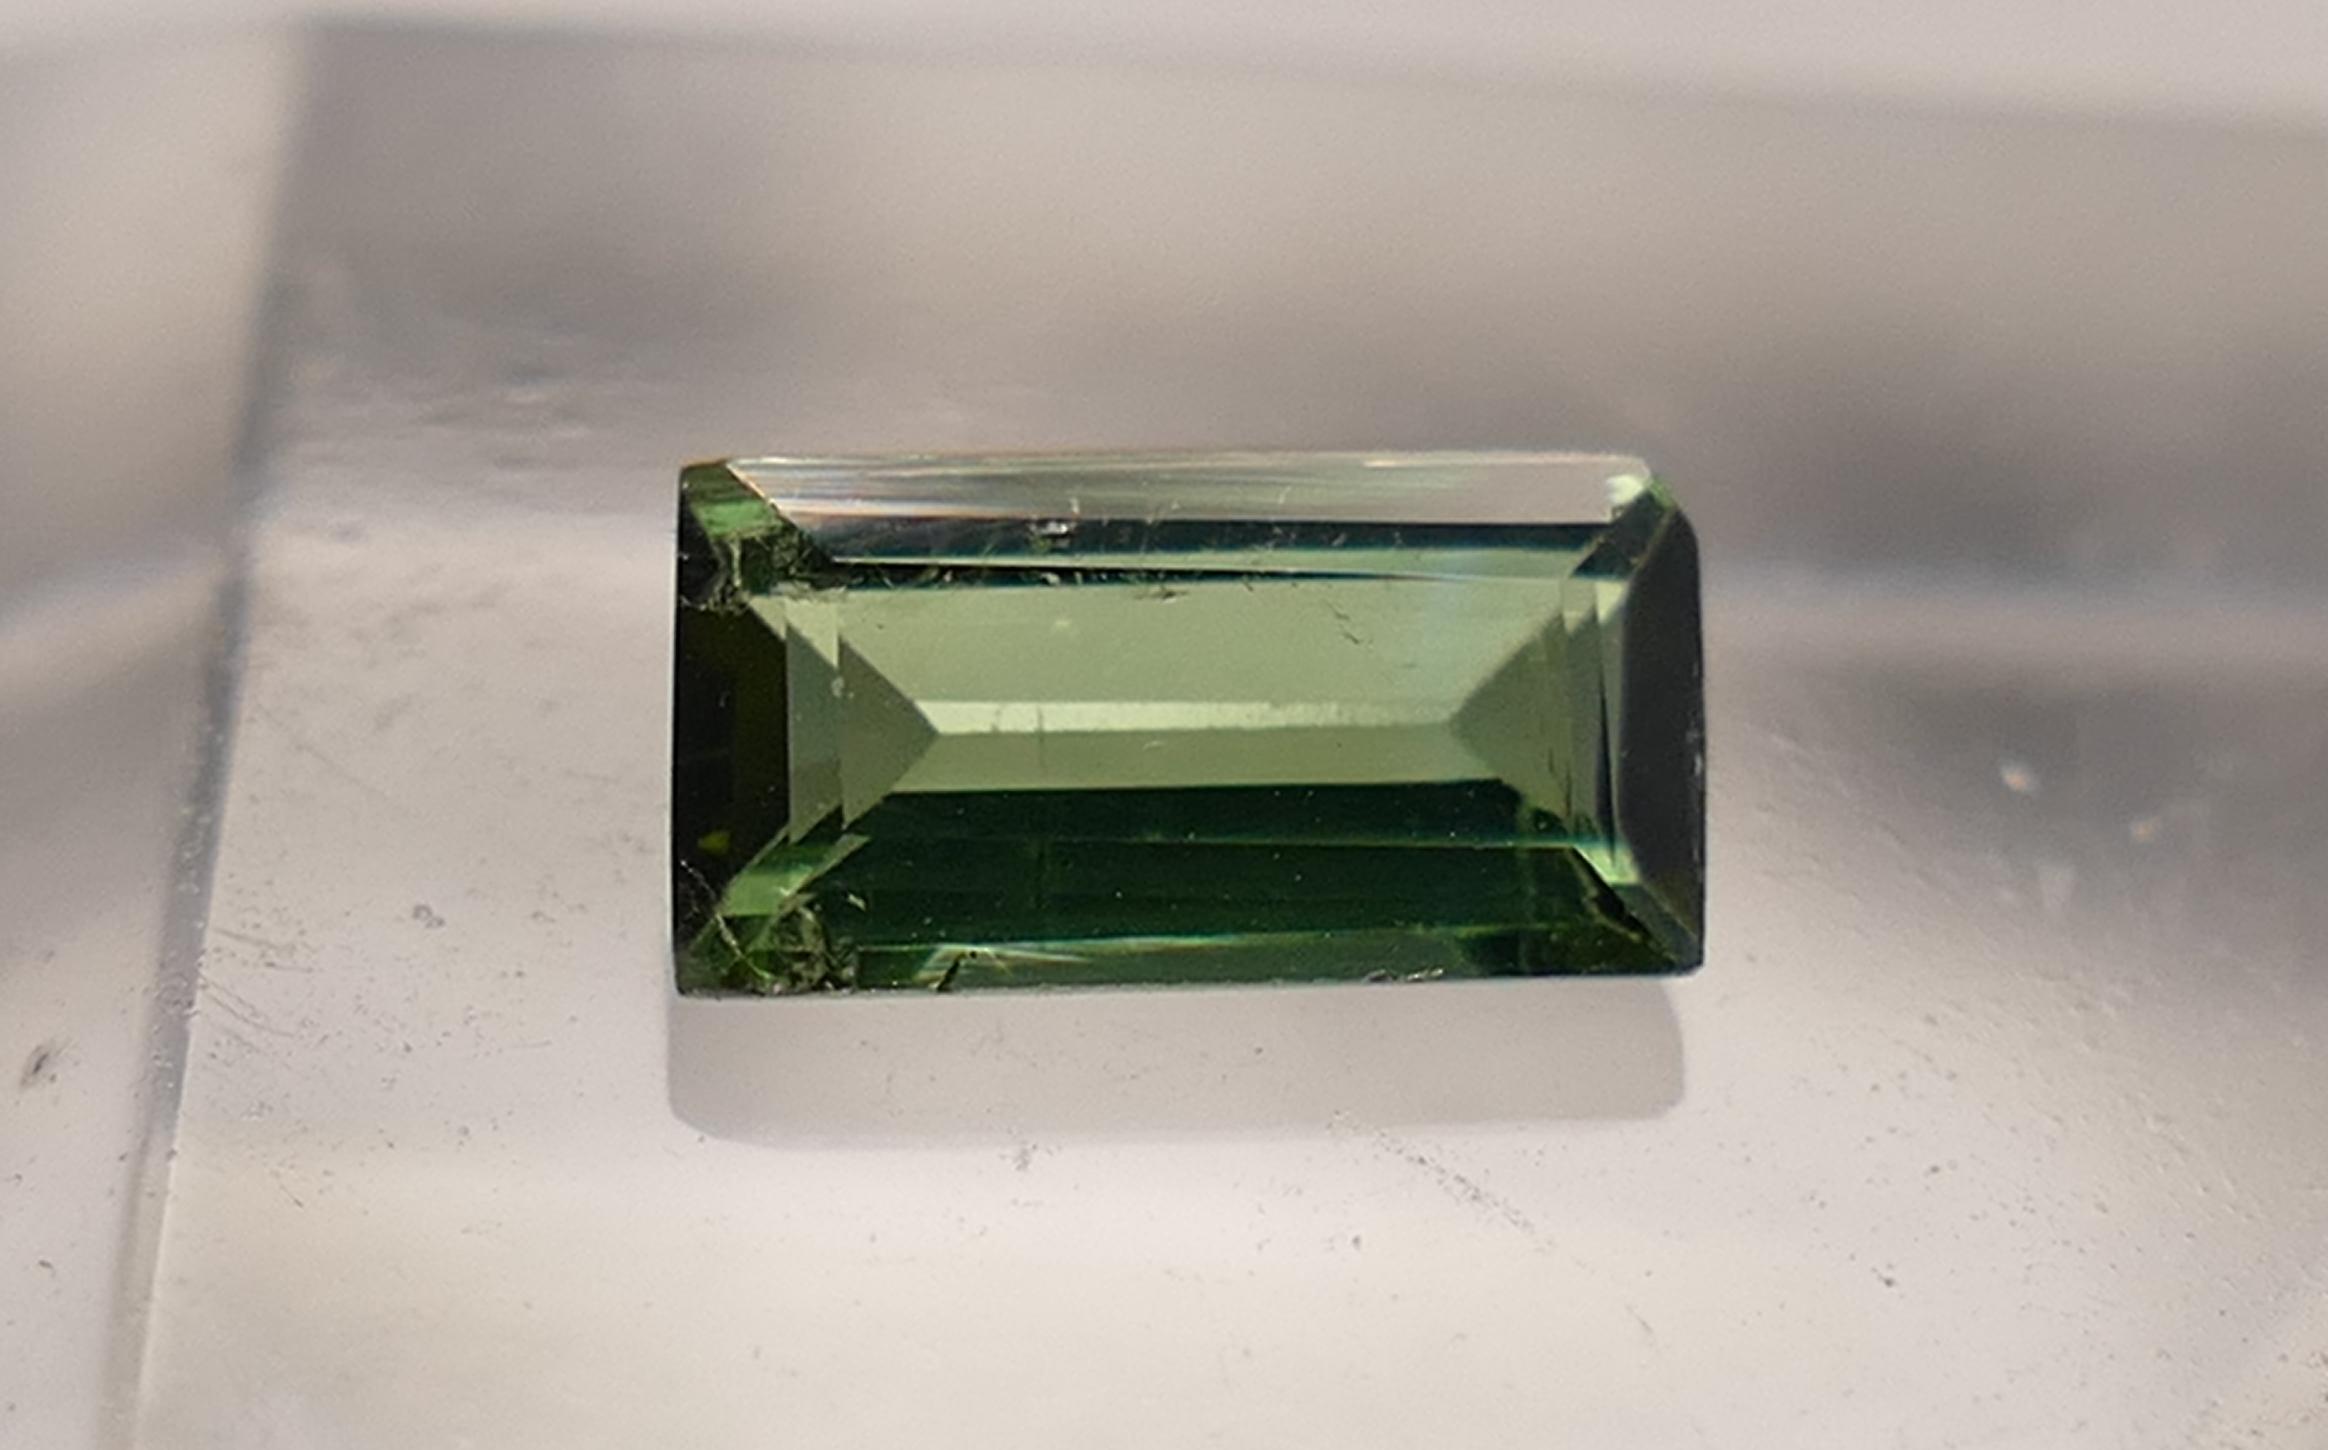 6.4x3.5mm Tourmaline naturelle verte Verdelite 0.42ct facettée en baguette du Brésil (#PB20)